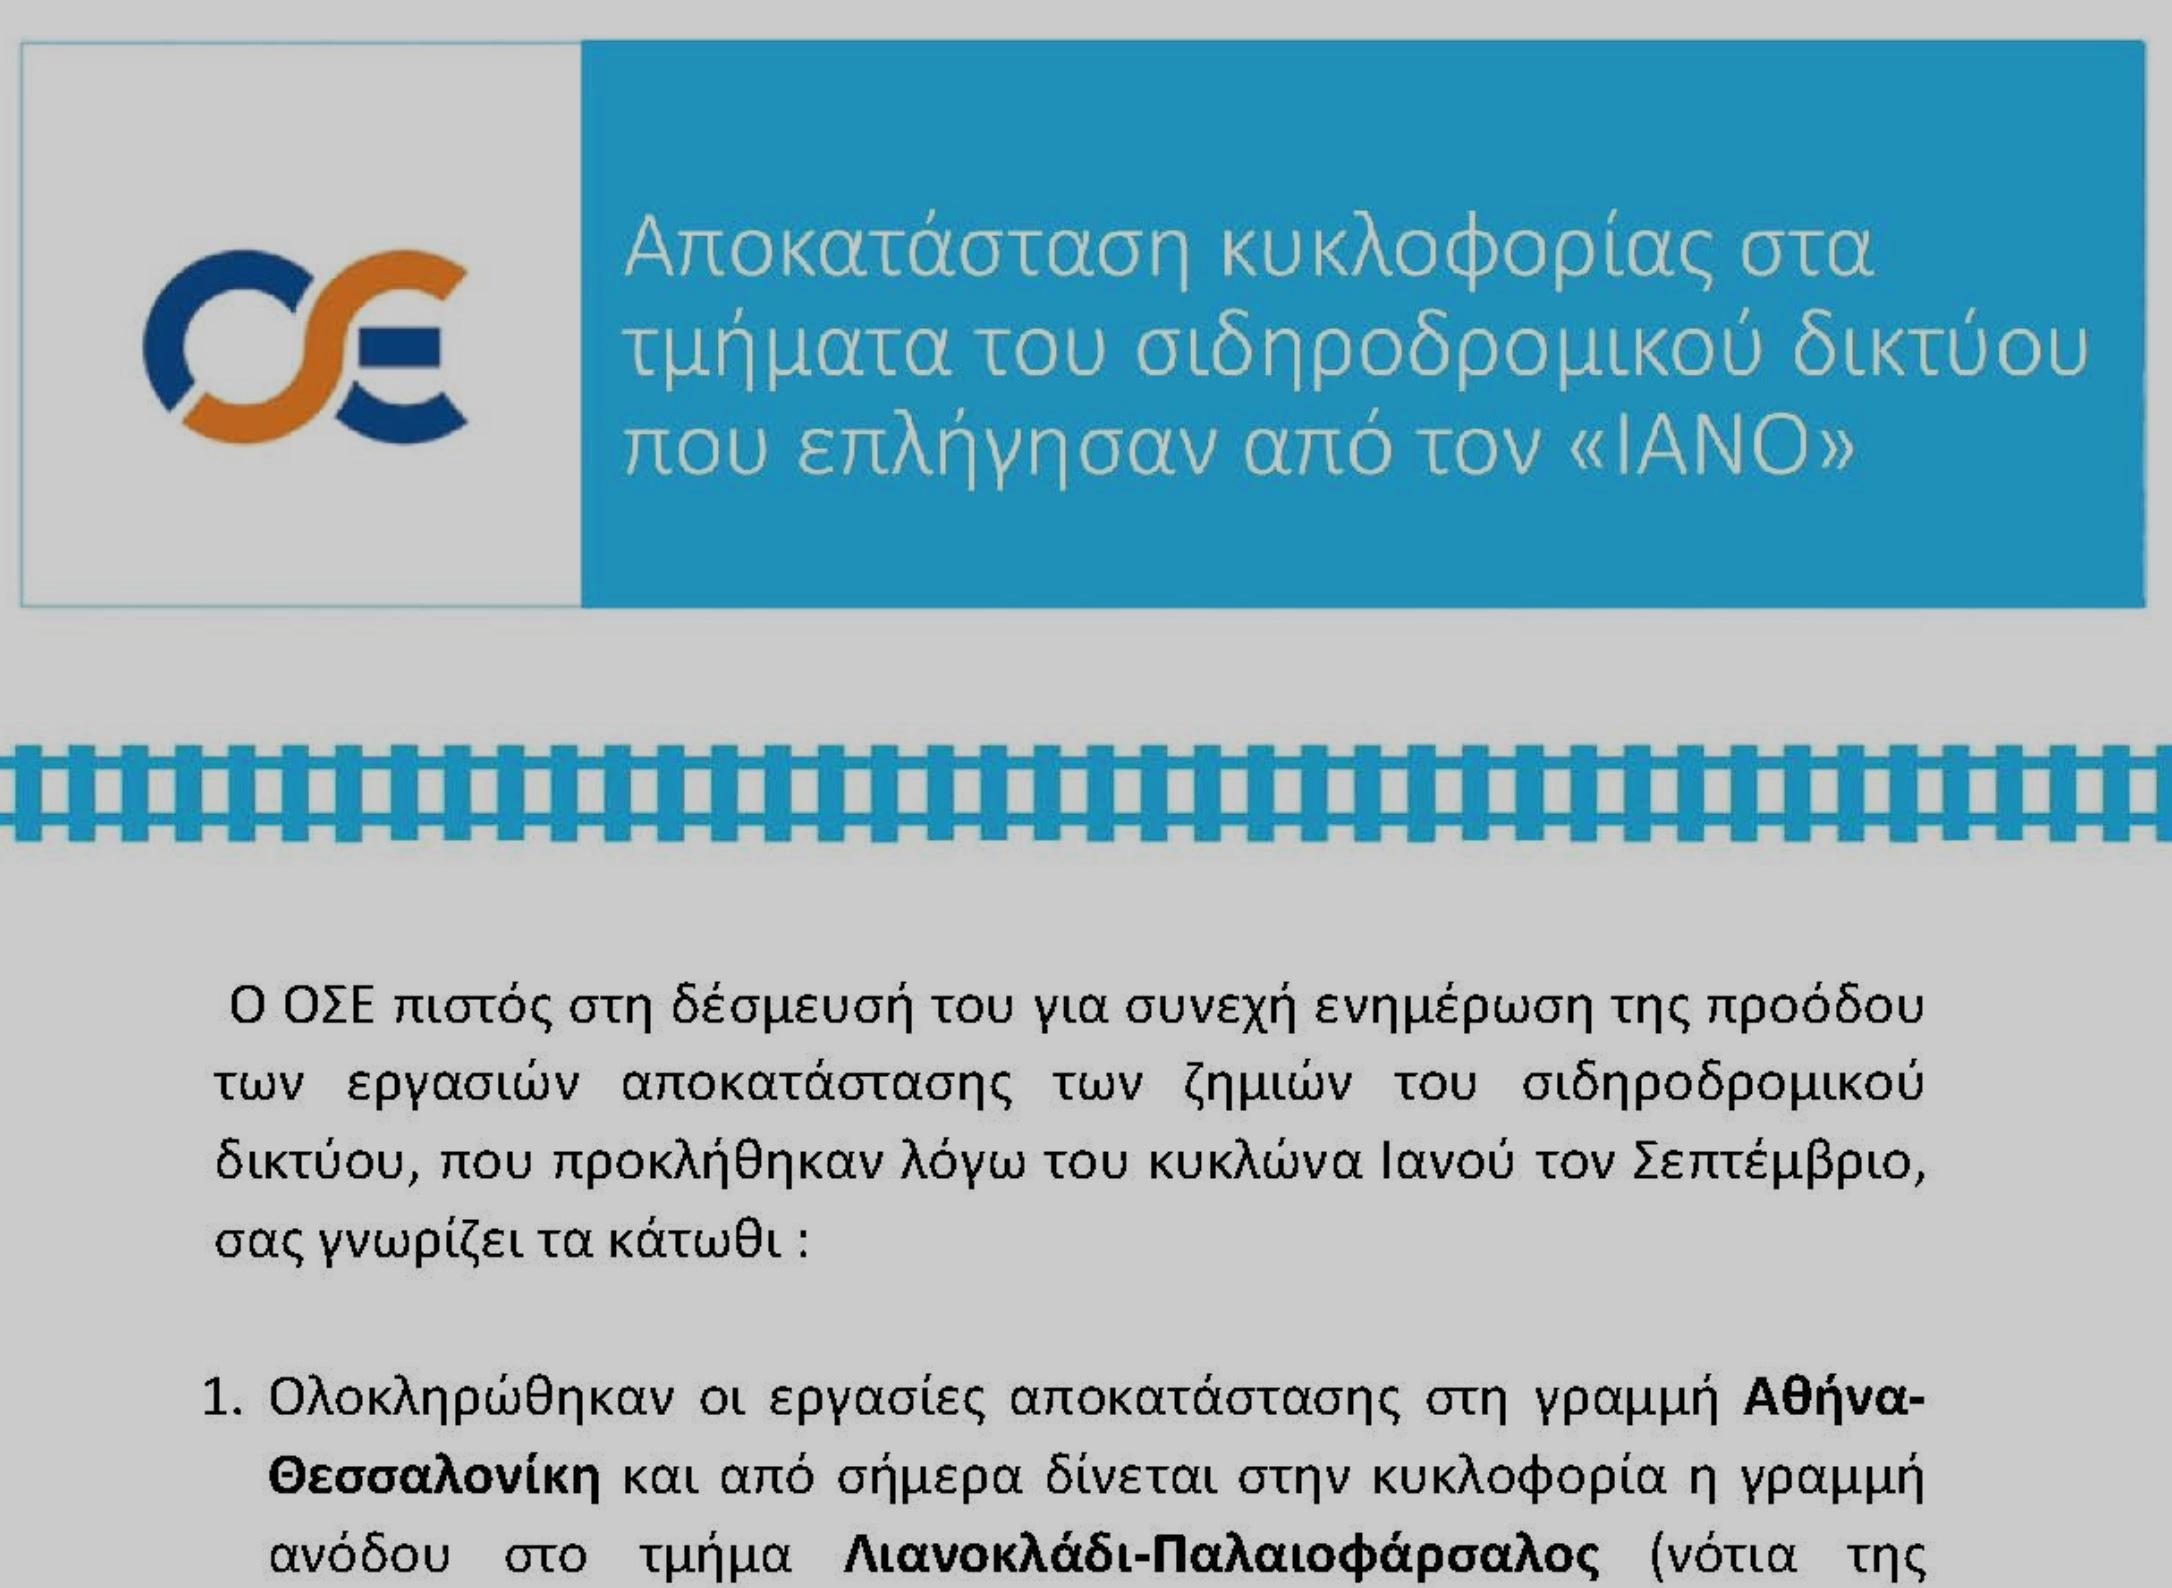 """Αποκατάσταση κυκλοφορίας στα τμήματα του σιδηροδρομικού δικτύου που επλήγησαν από τον """"ΙΑΝΟ"""""""